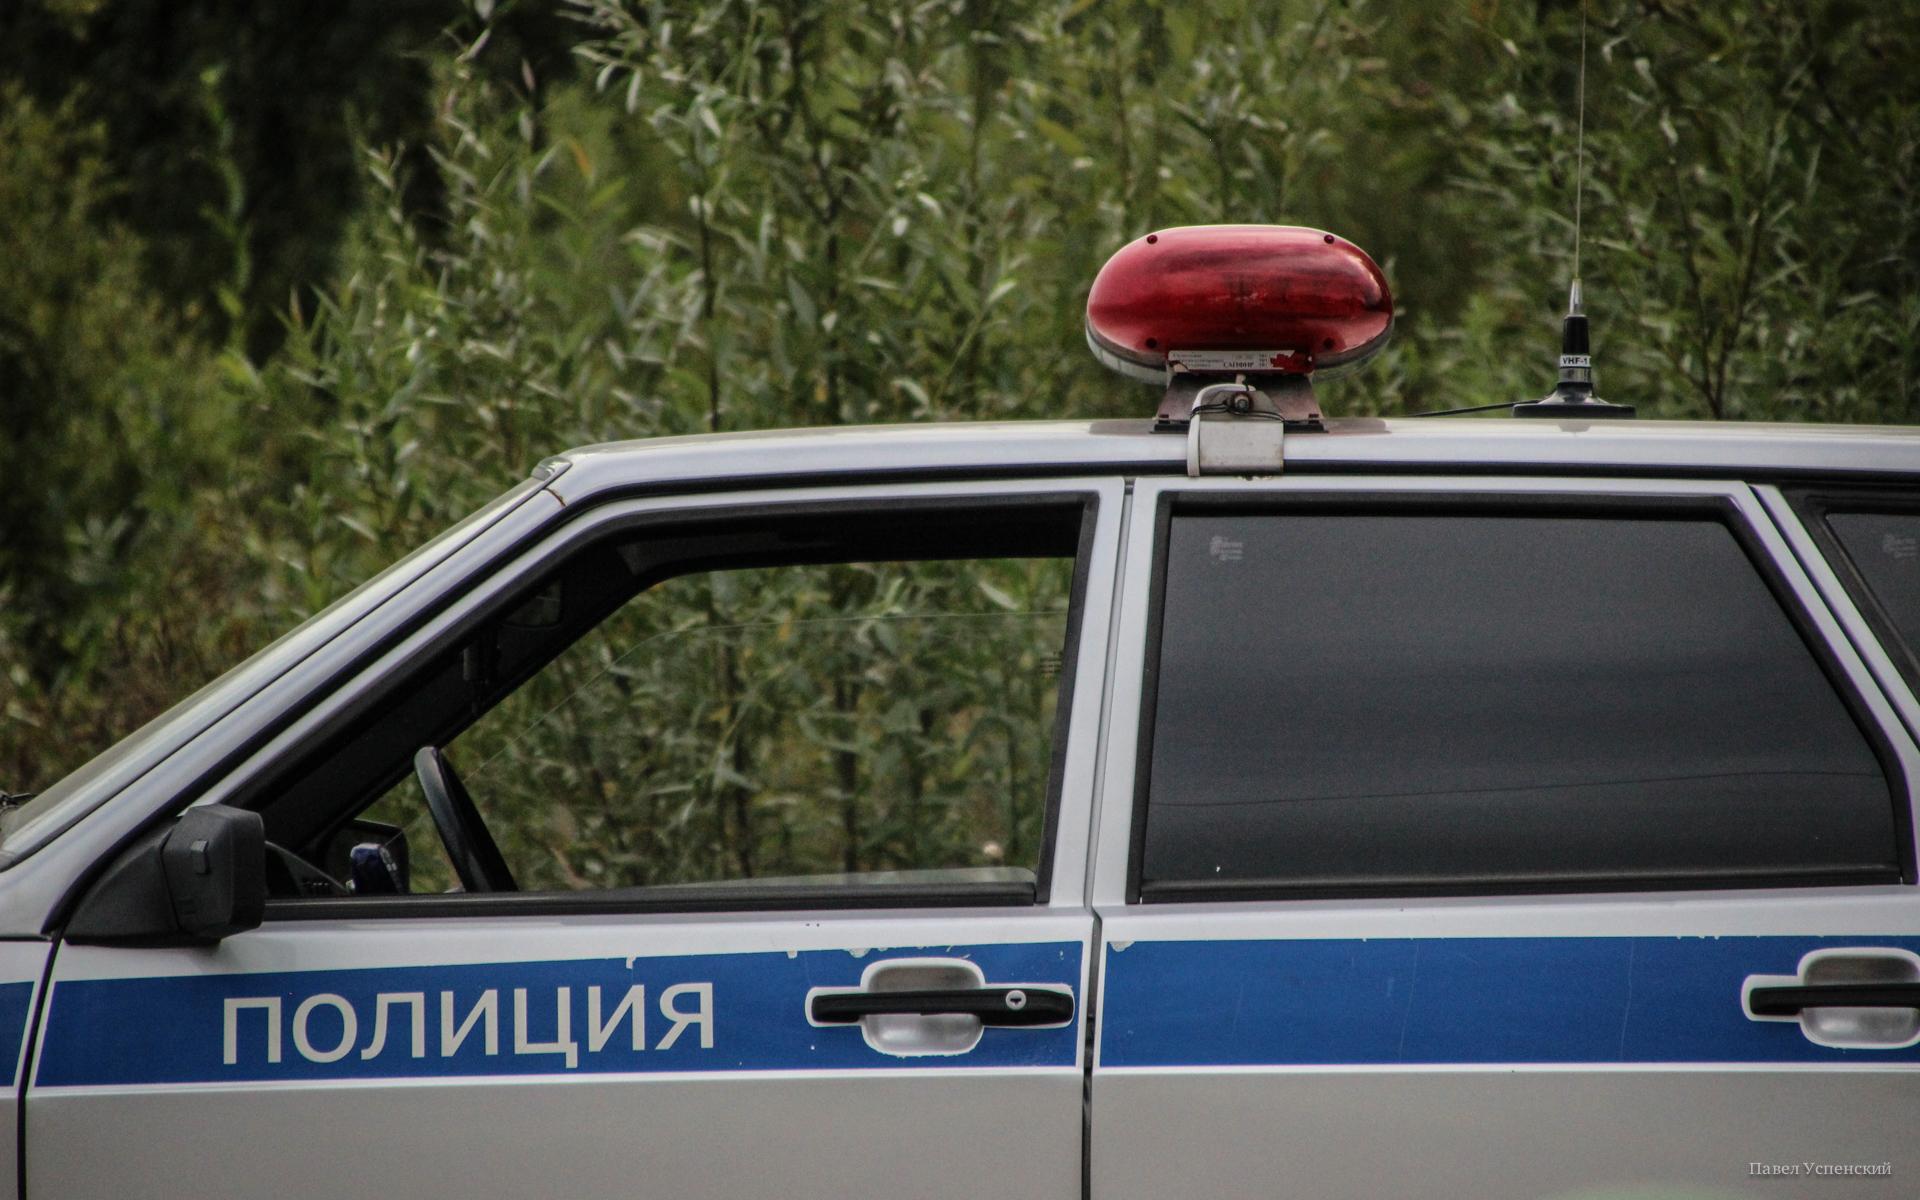 В Тверской области поездка пьяной компании за сигаретами закончилась ДТП, в котором один человек погиб и один тяжело травмирован - новости Афанасий